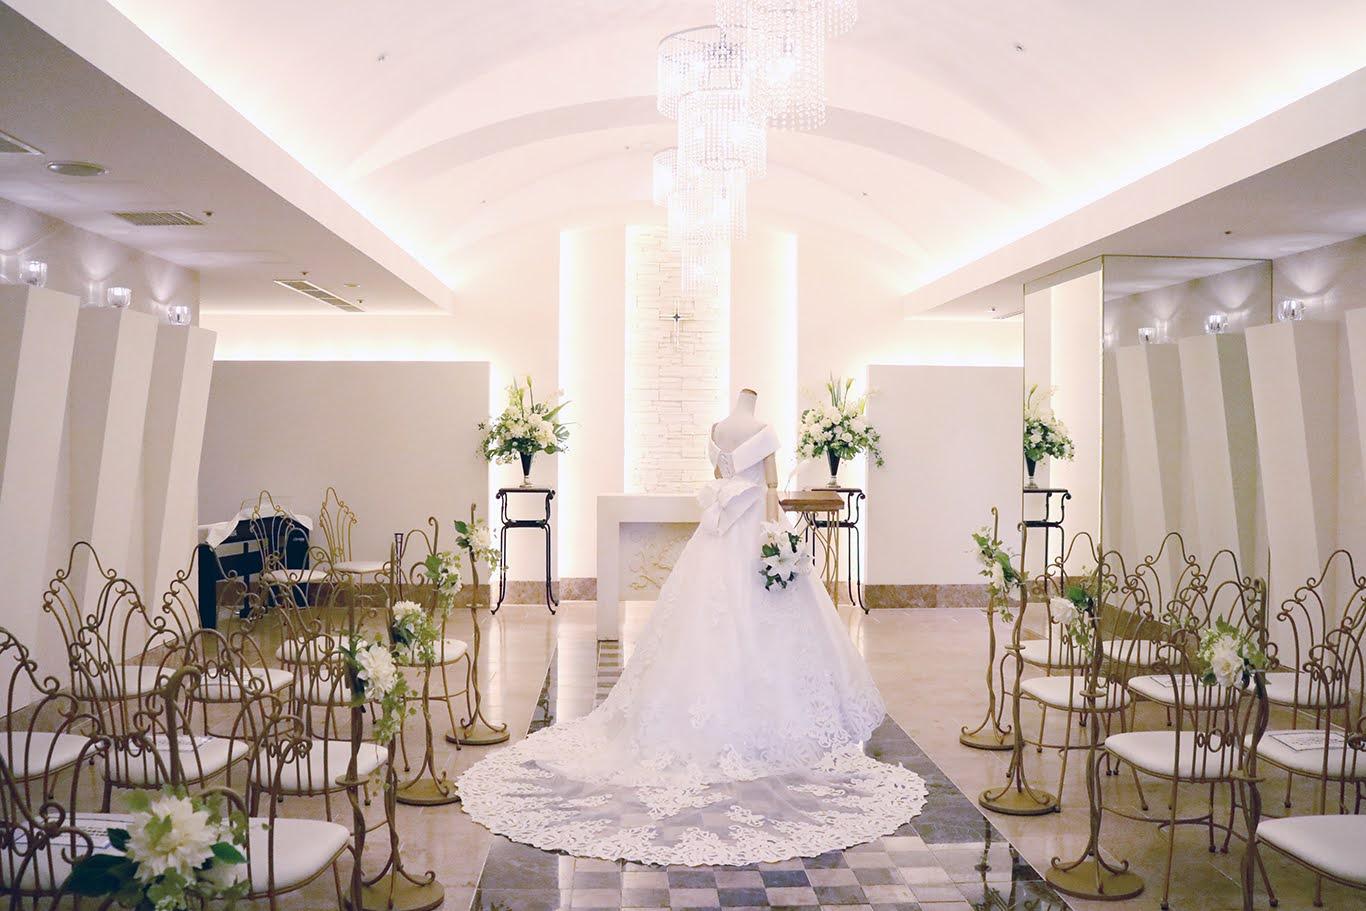 新しい生活様式の結婚式